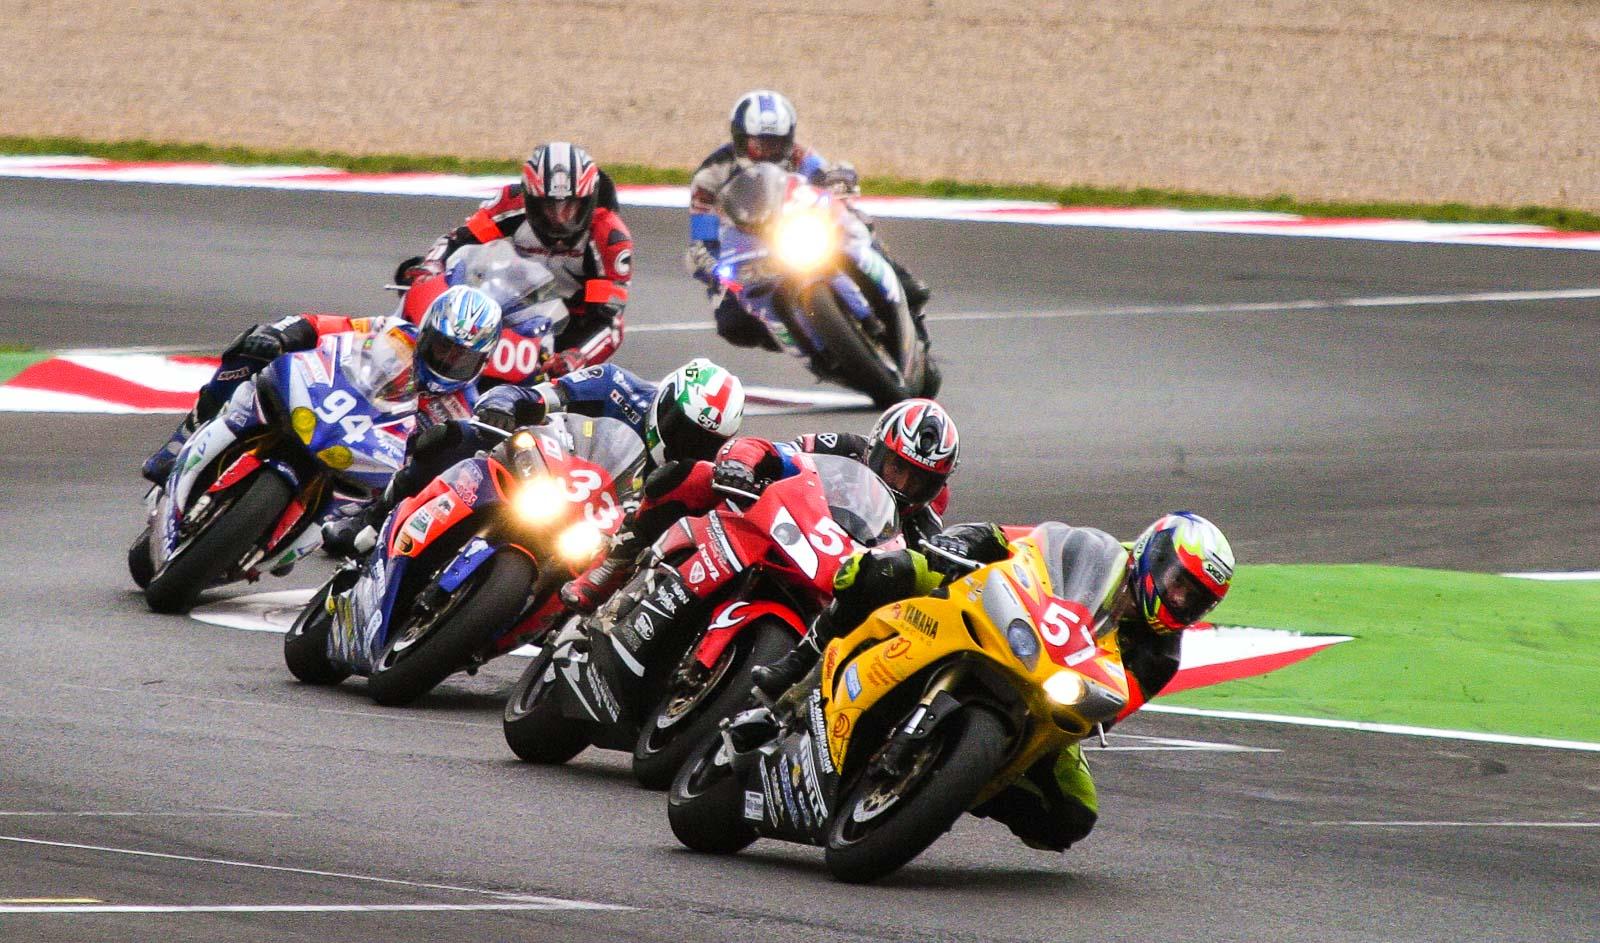 groupe de motos